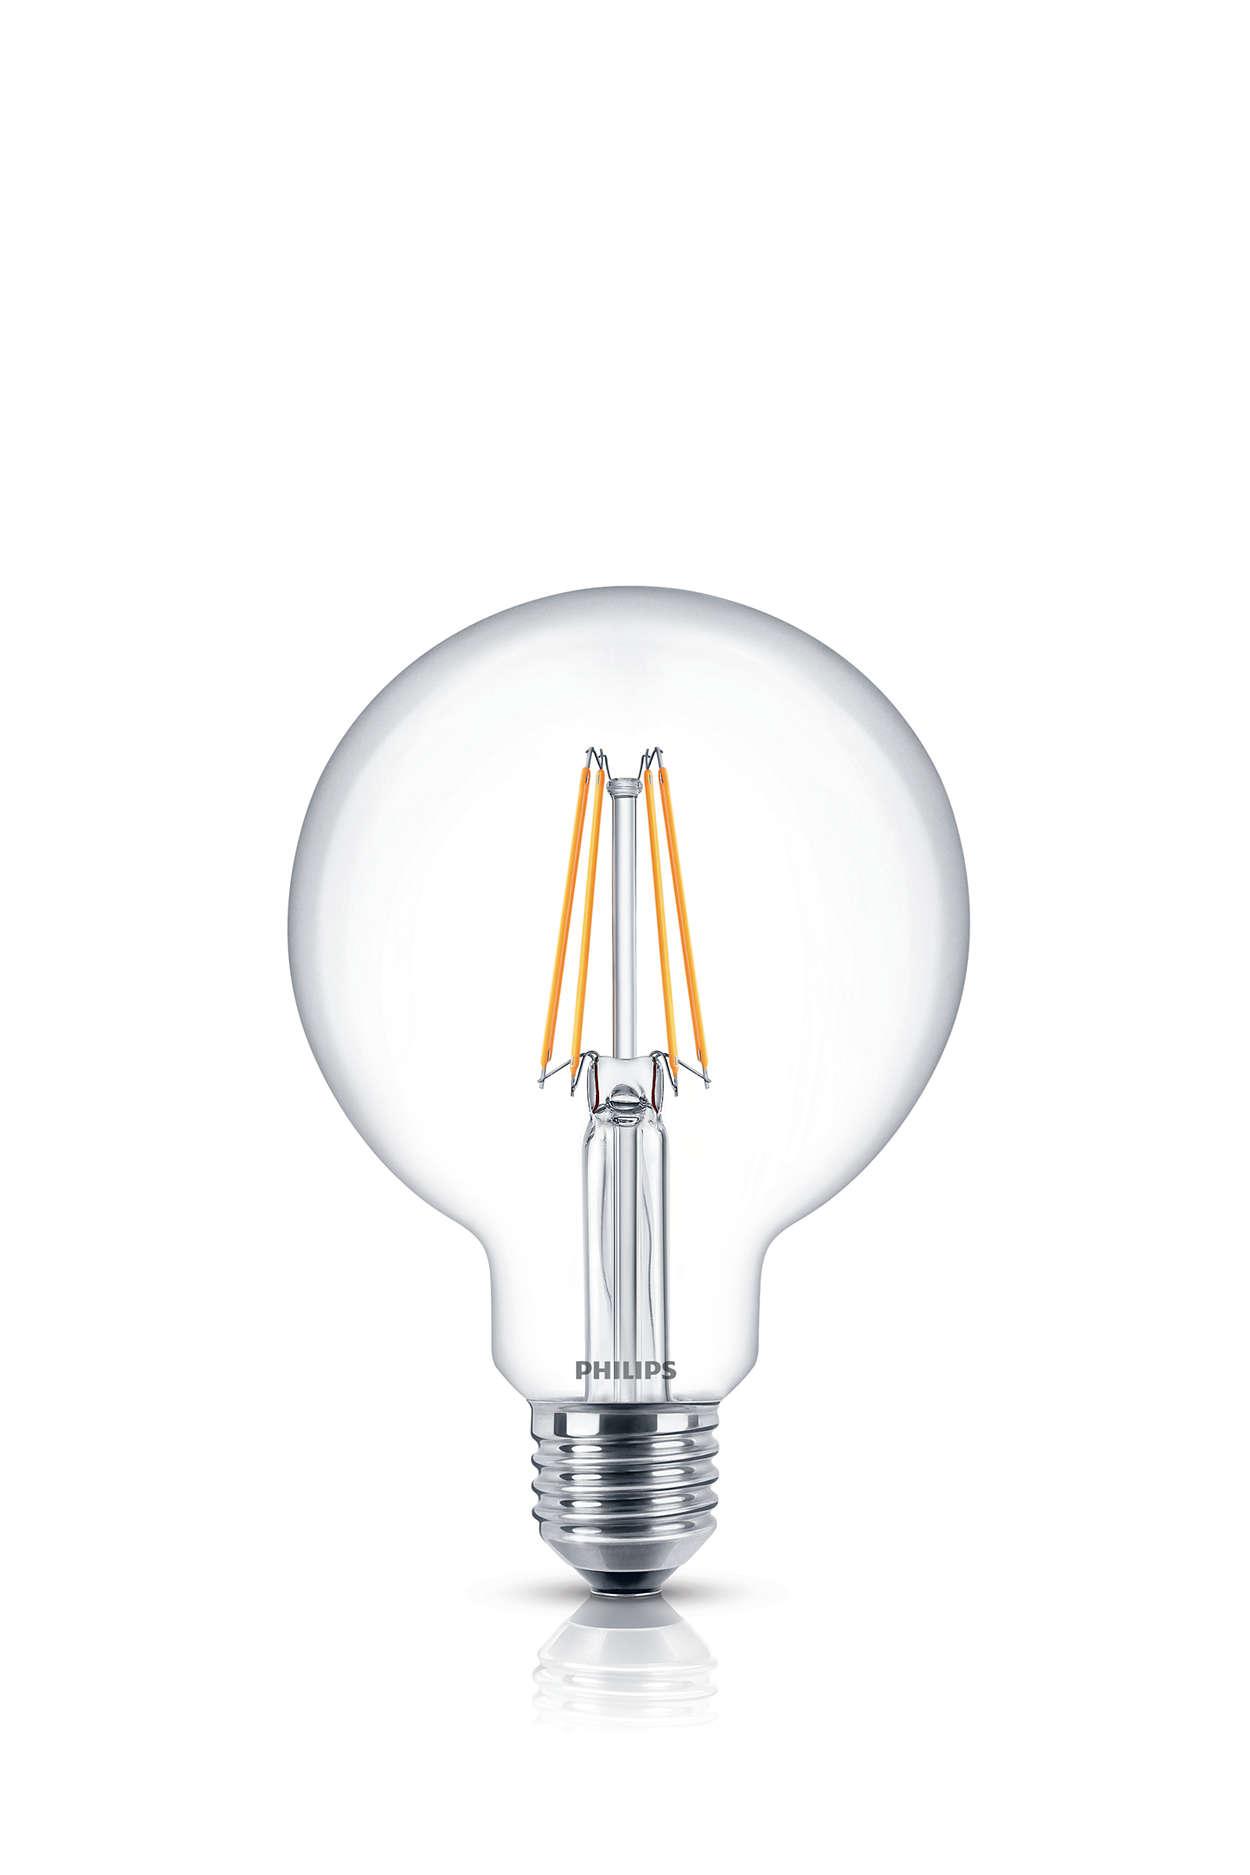 Los beneficios de la tecnología LED con un look vintage